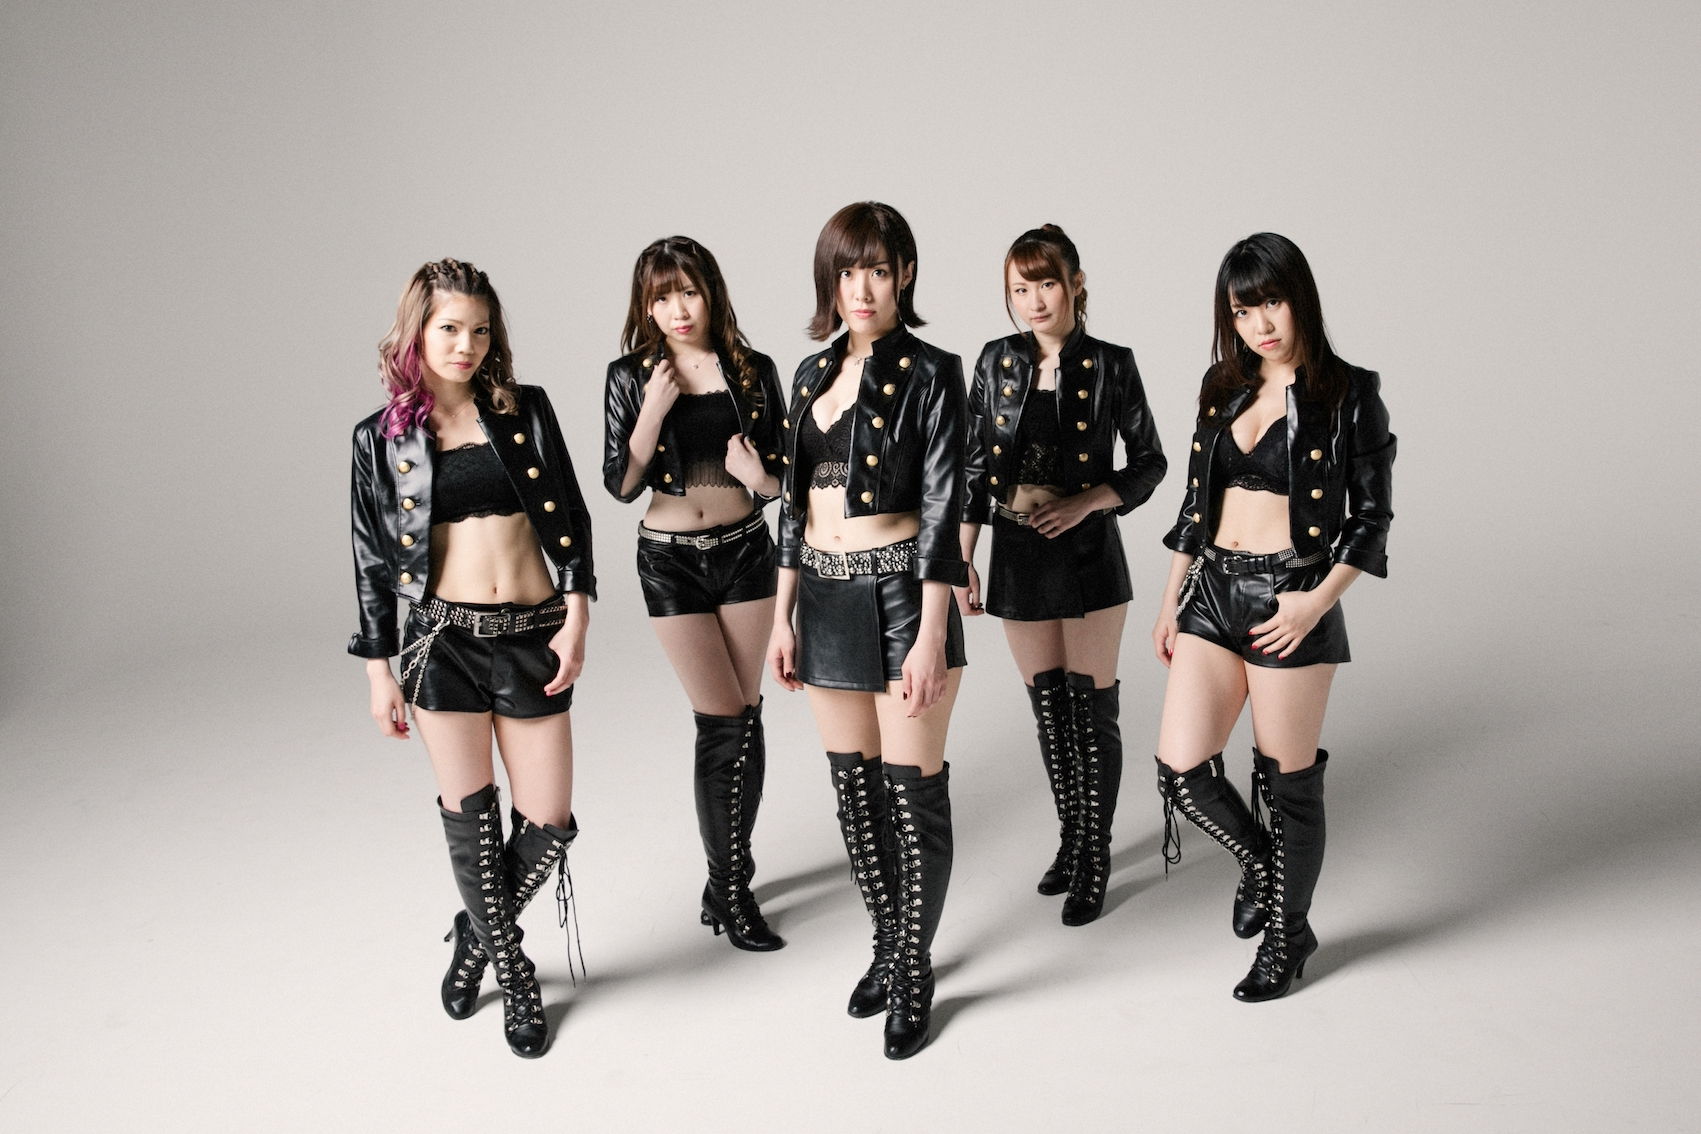 アイドルとロックバンドの境界線を壊すCANDY GO!GO!の新曲...